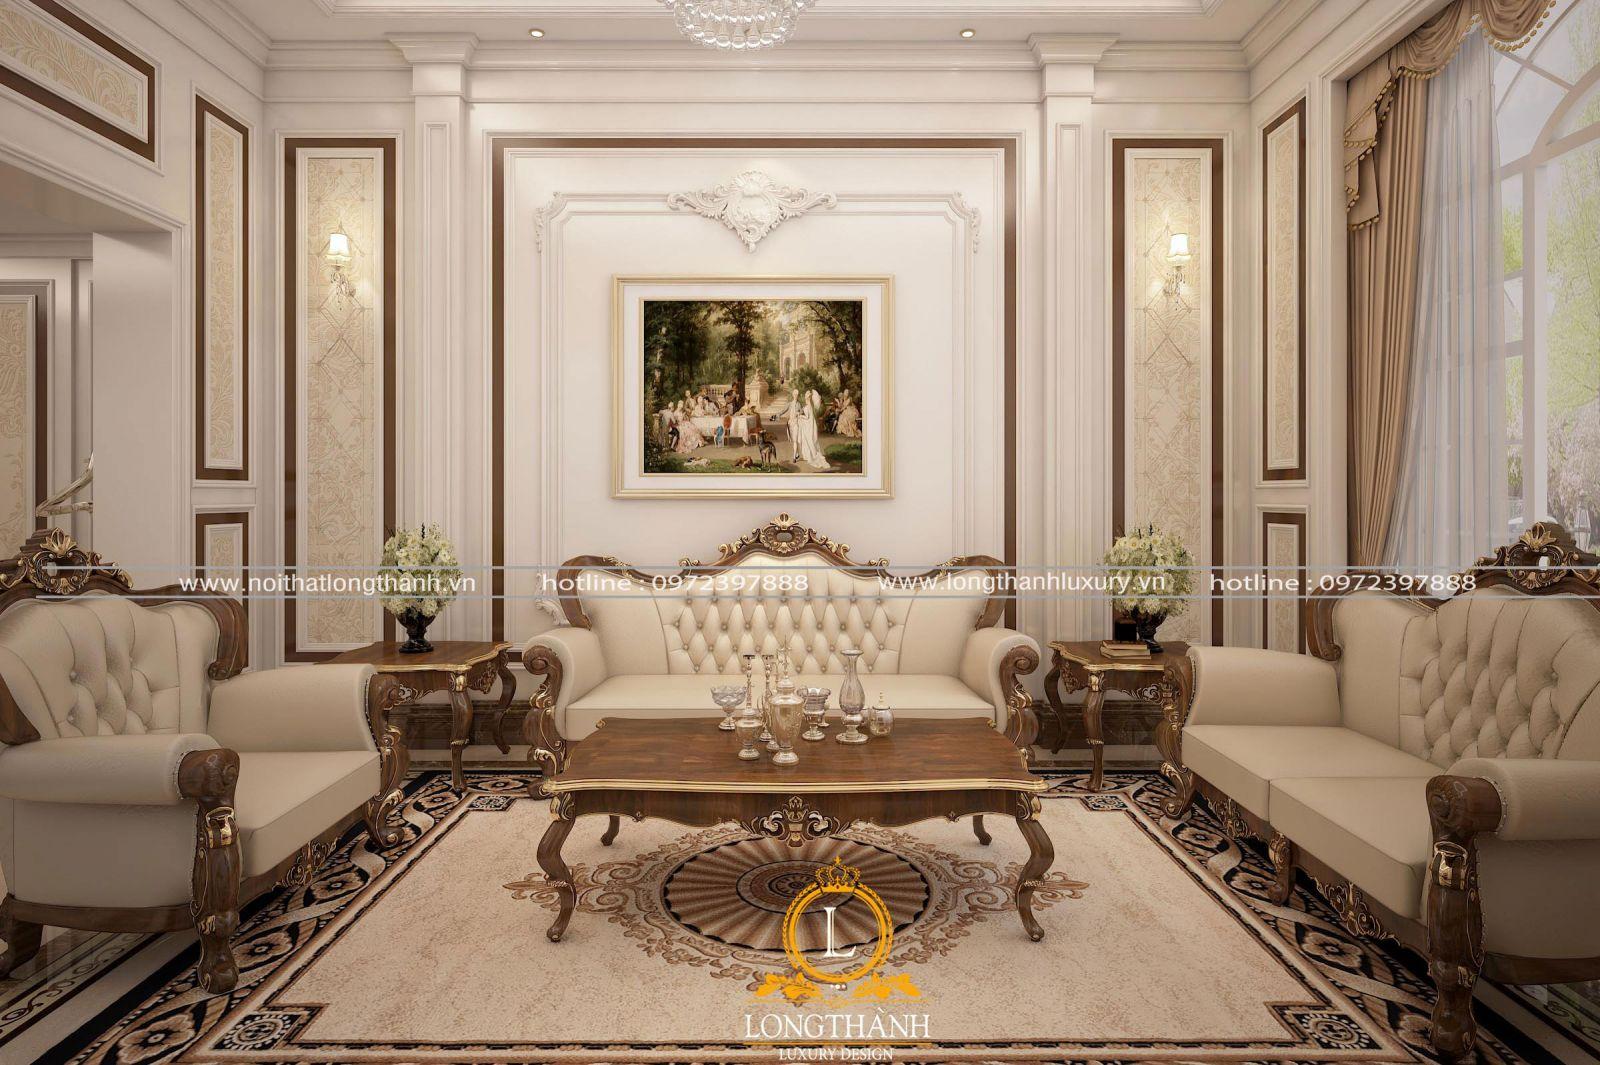 Phòng khách trở nên mềm mại thanh lịch với bộ rèm trang trí